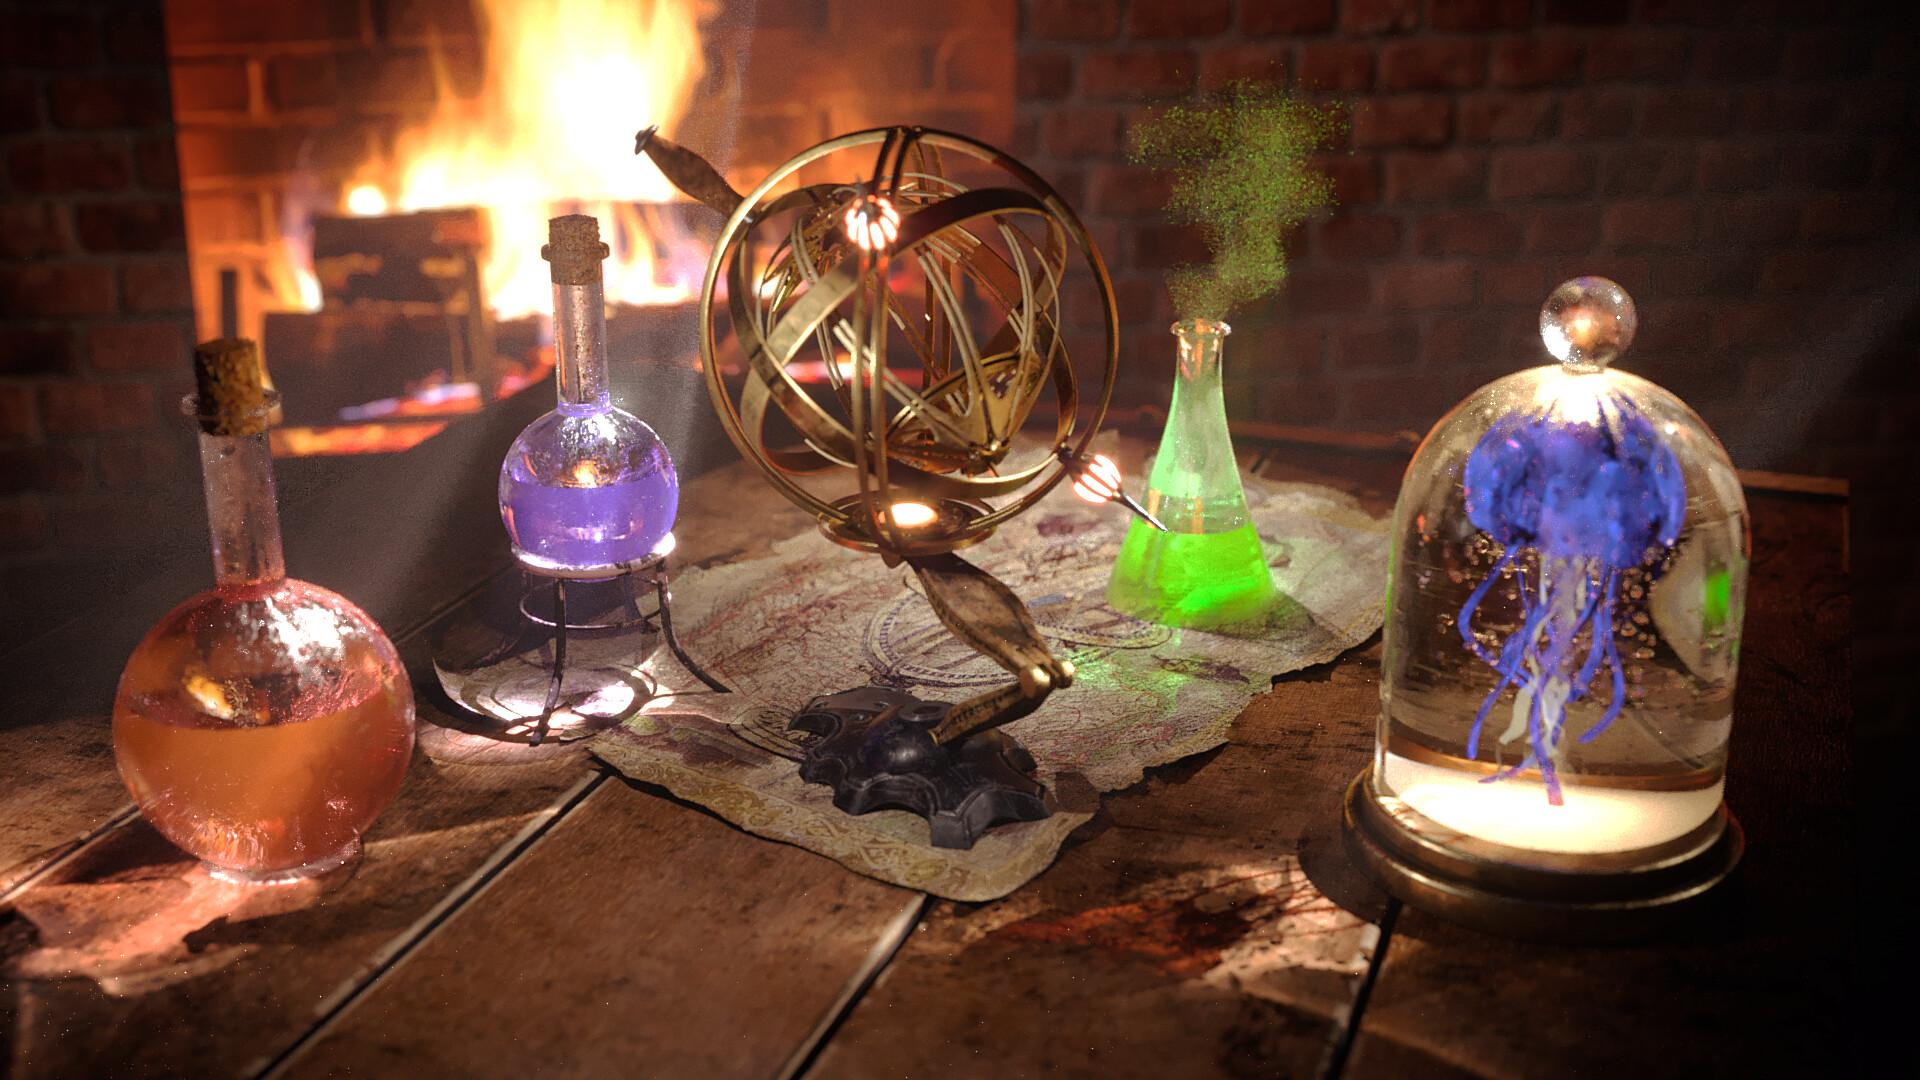 Картинка алхимической лаборатории